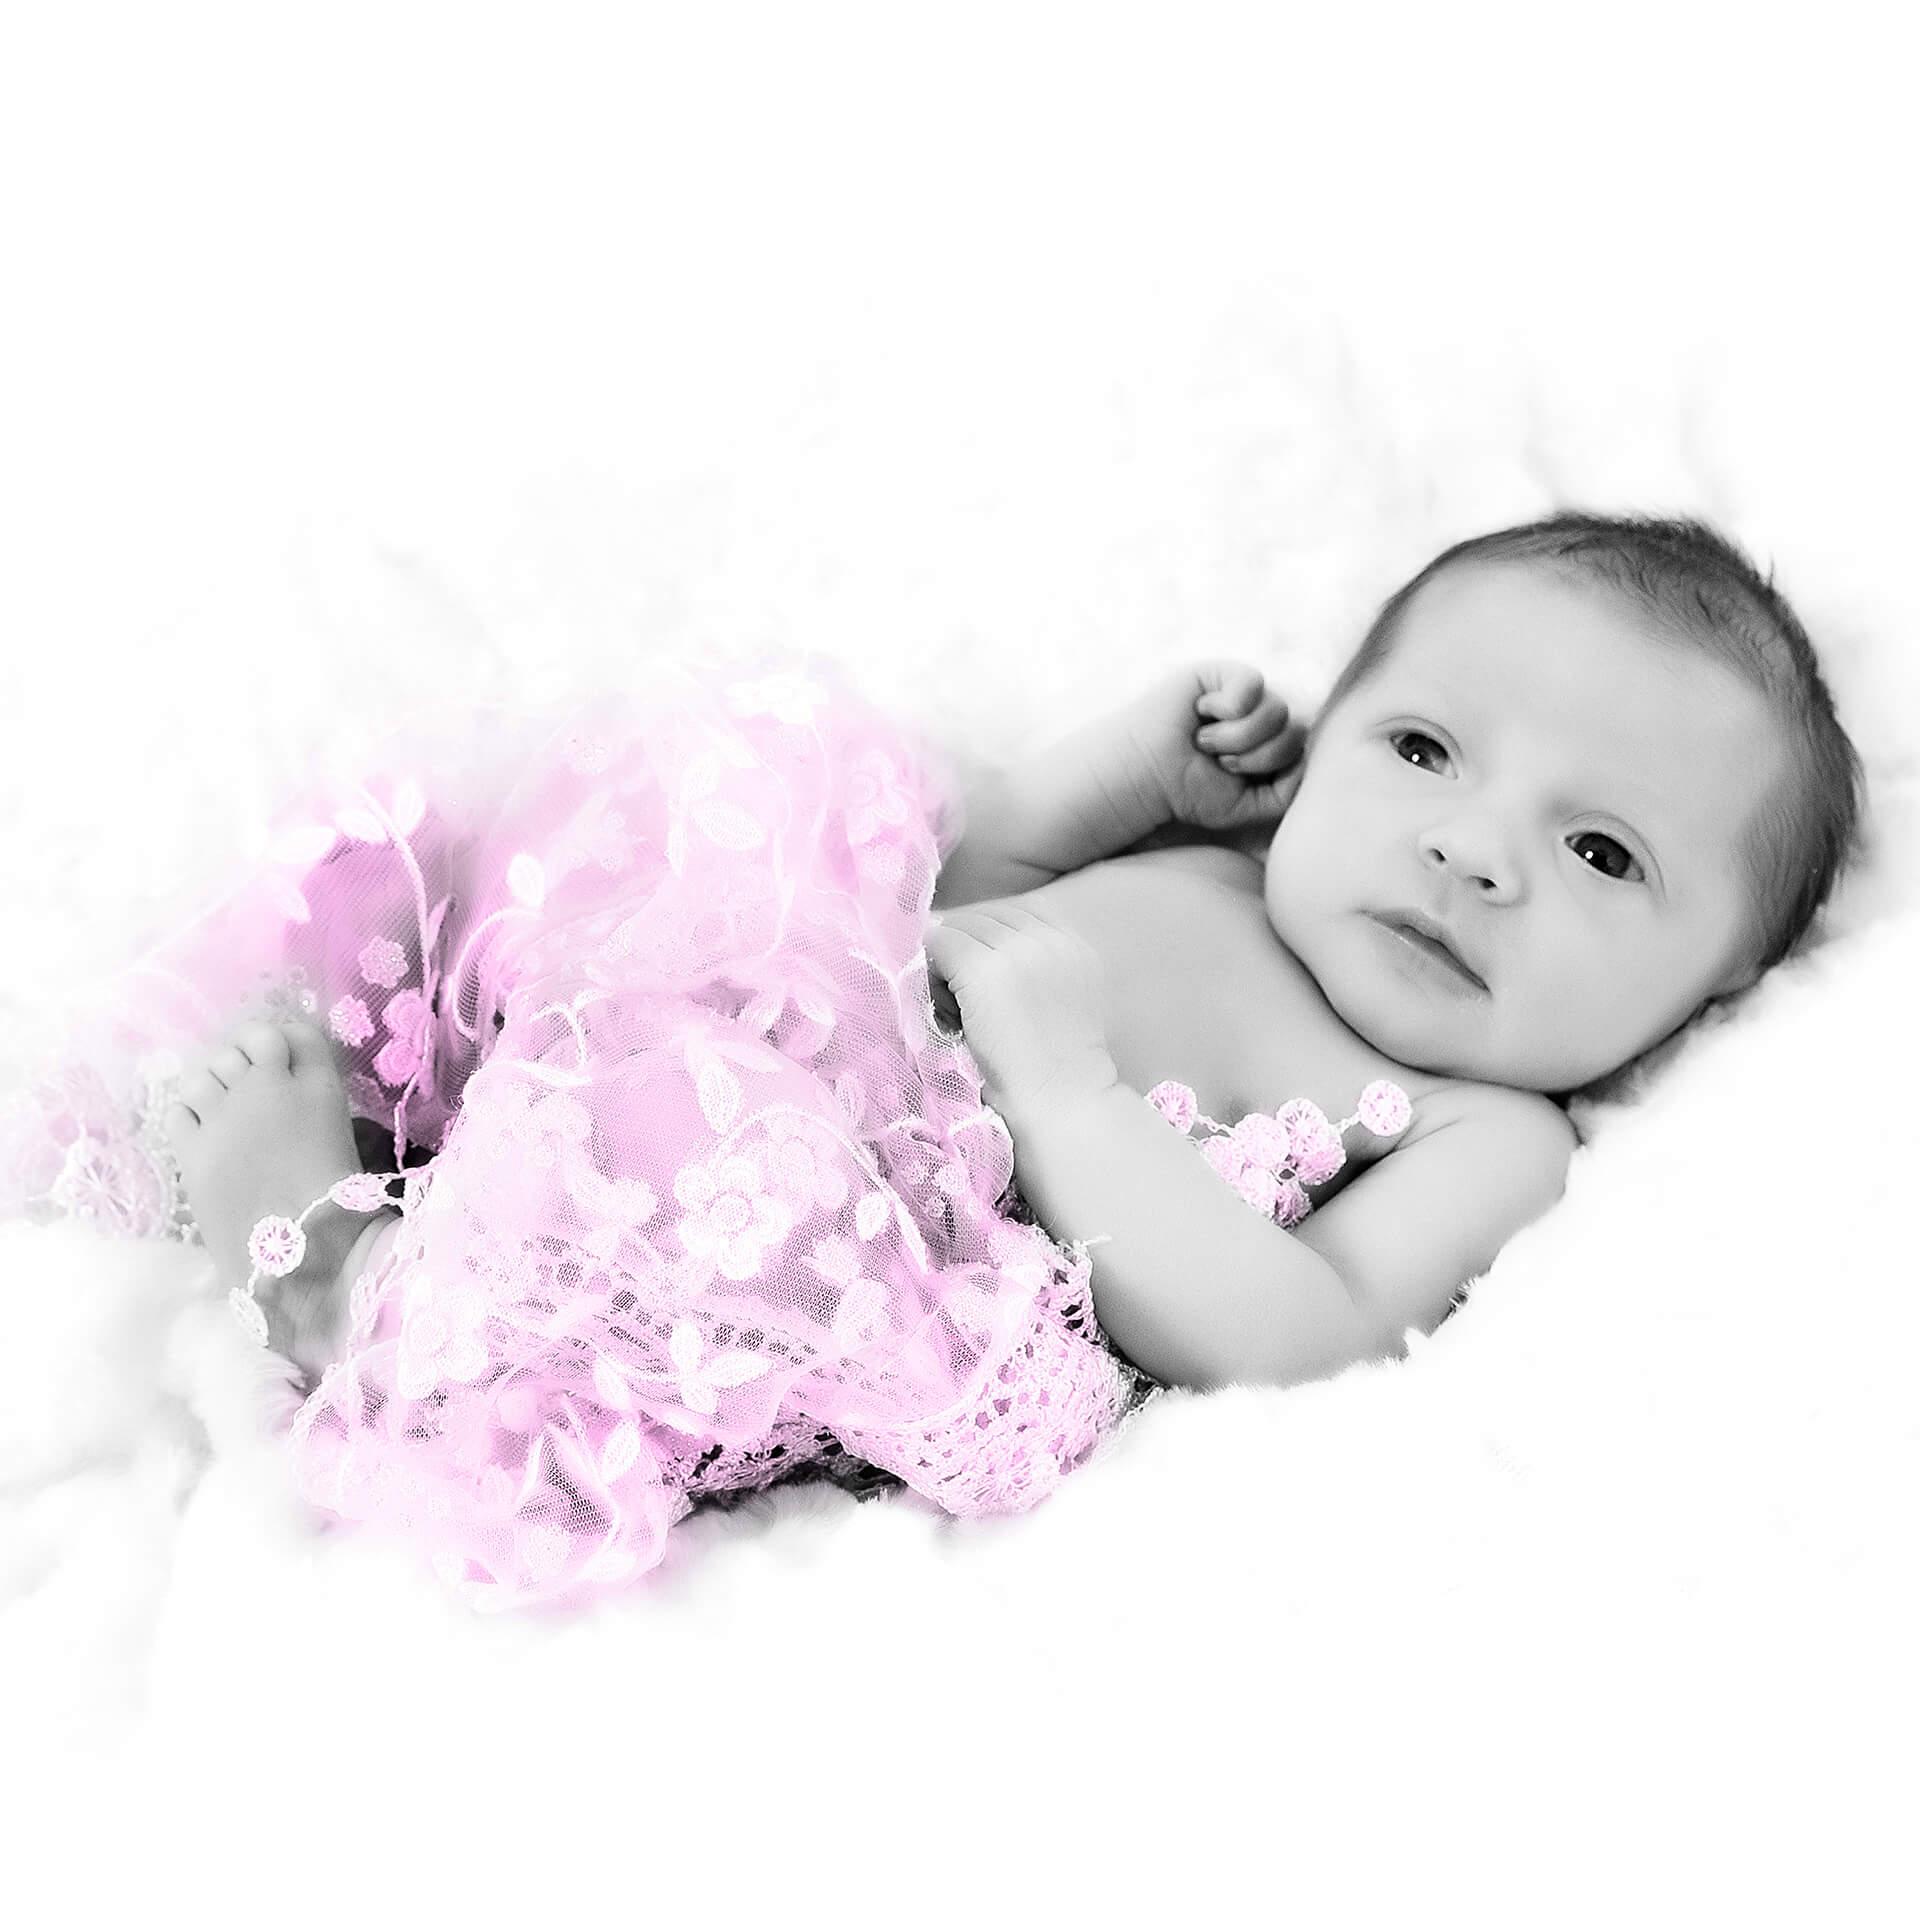 newborn-baby-photo-shoot-from-kline-studios